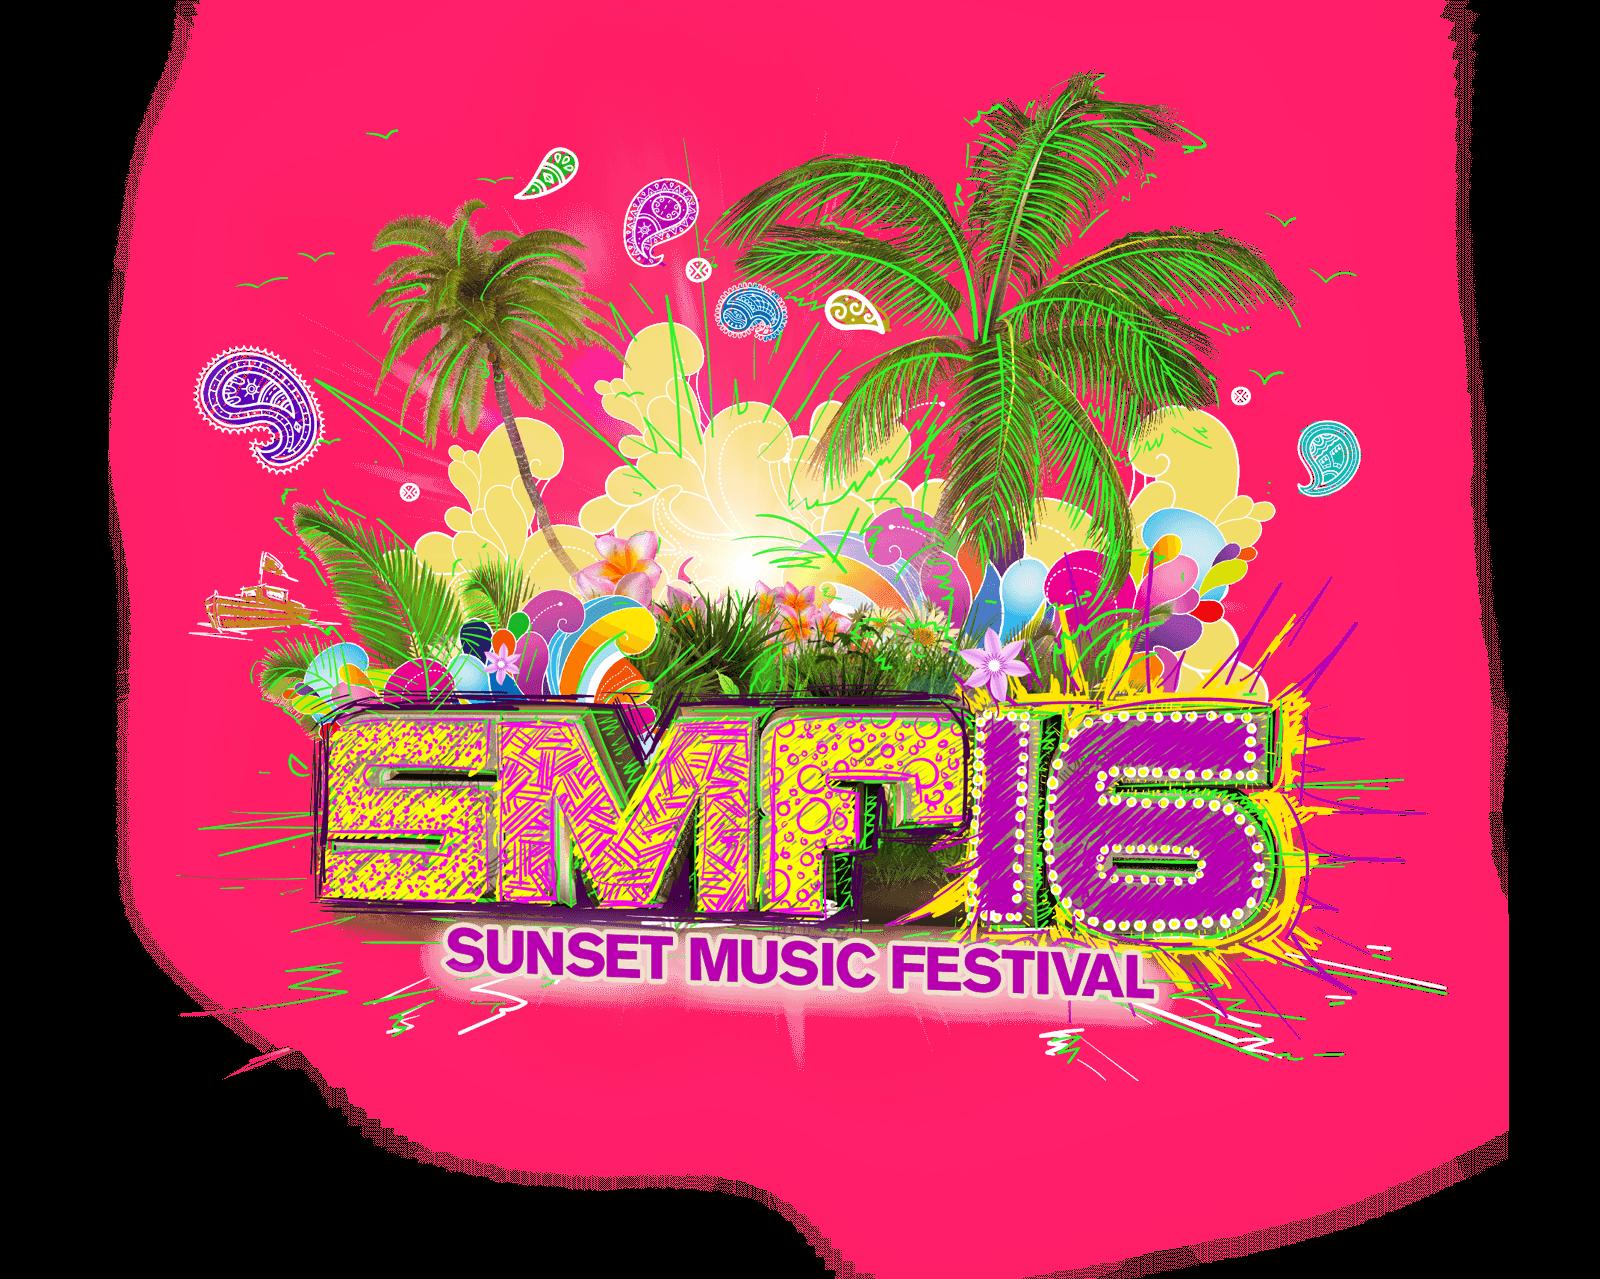 Sunset Music Festival 2016 logo